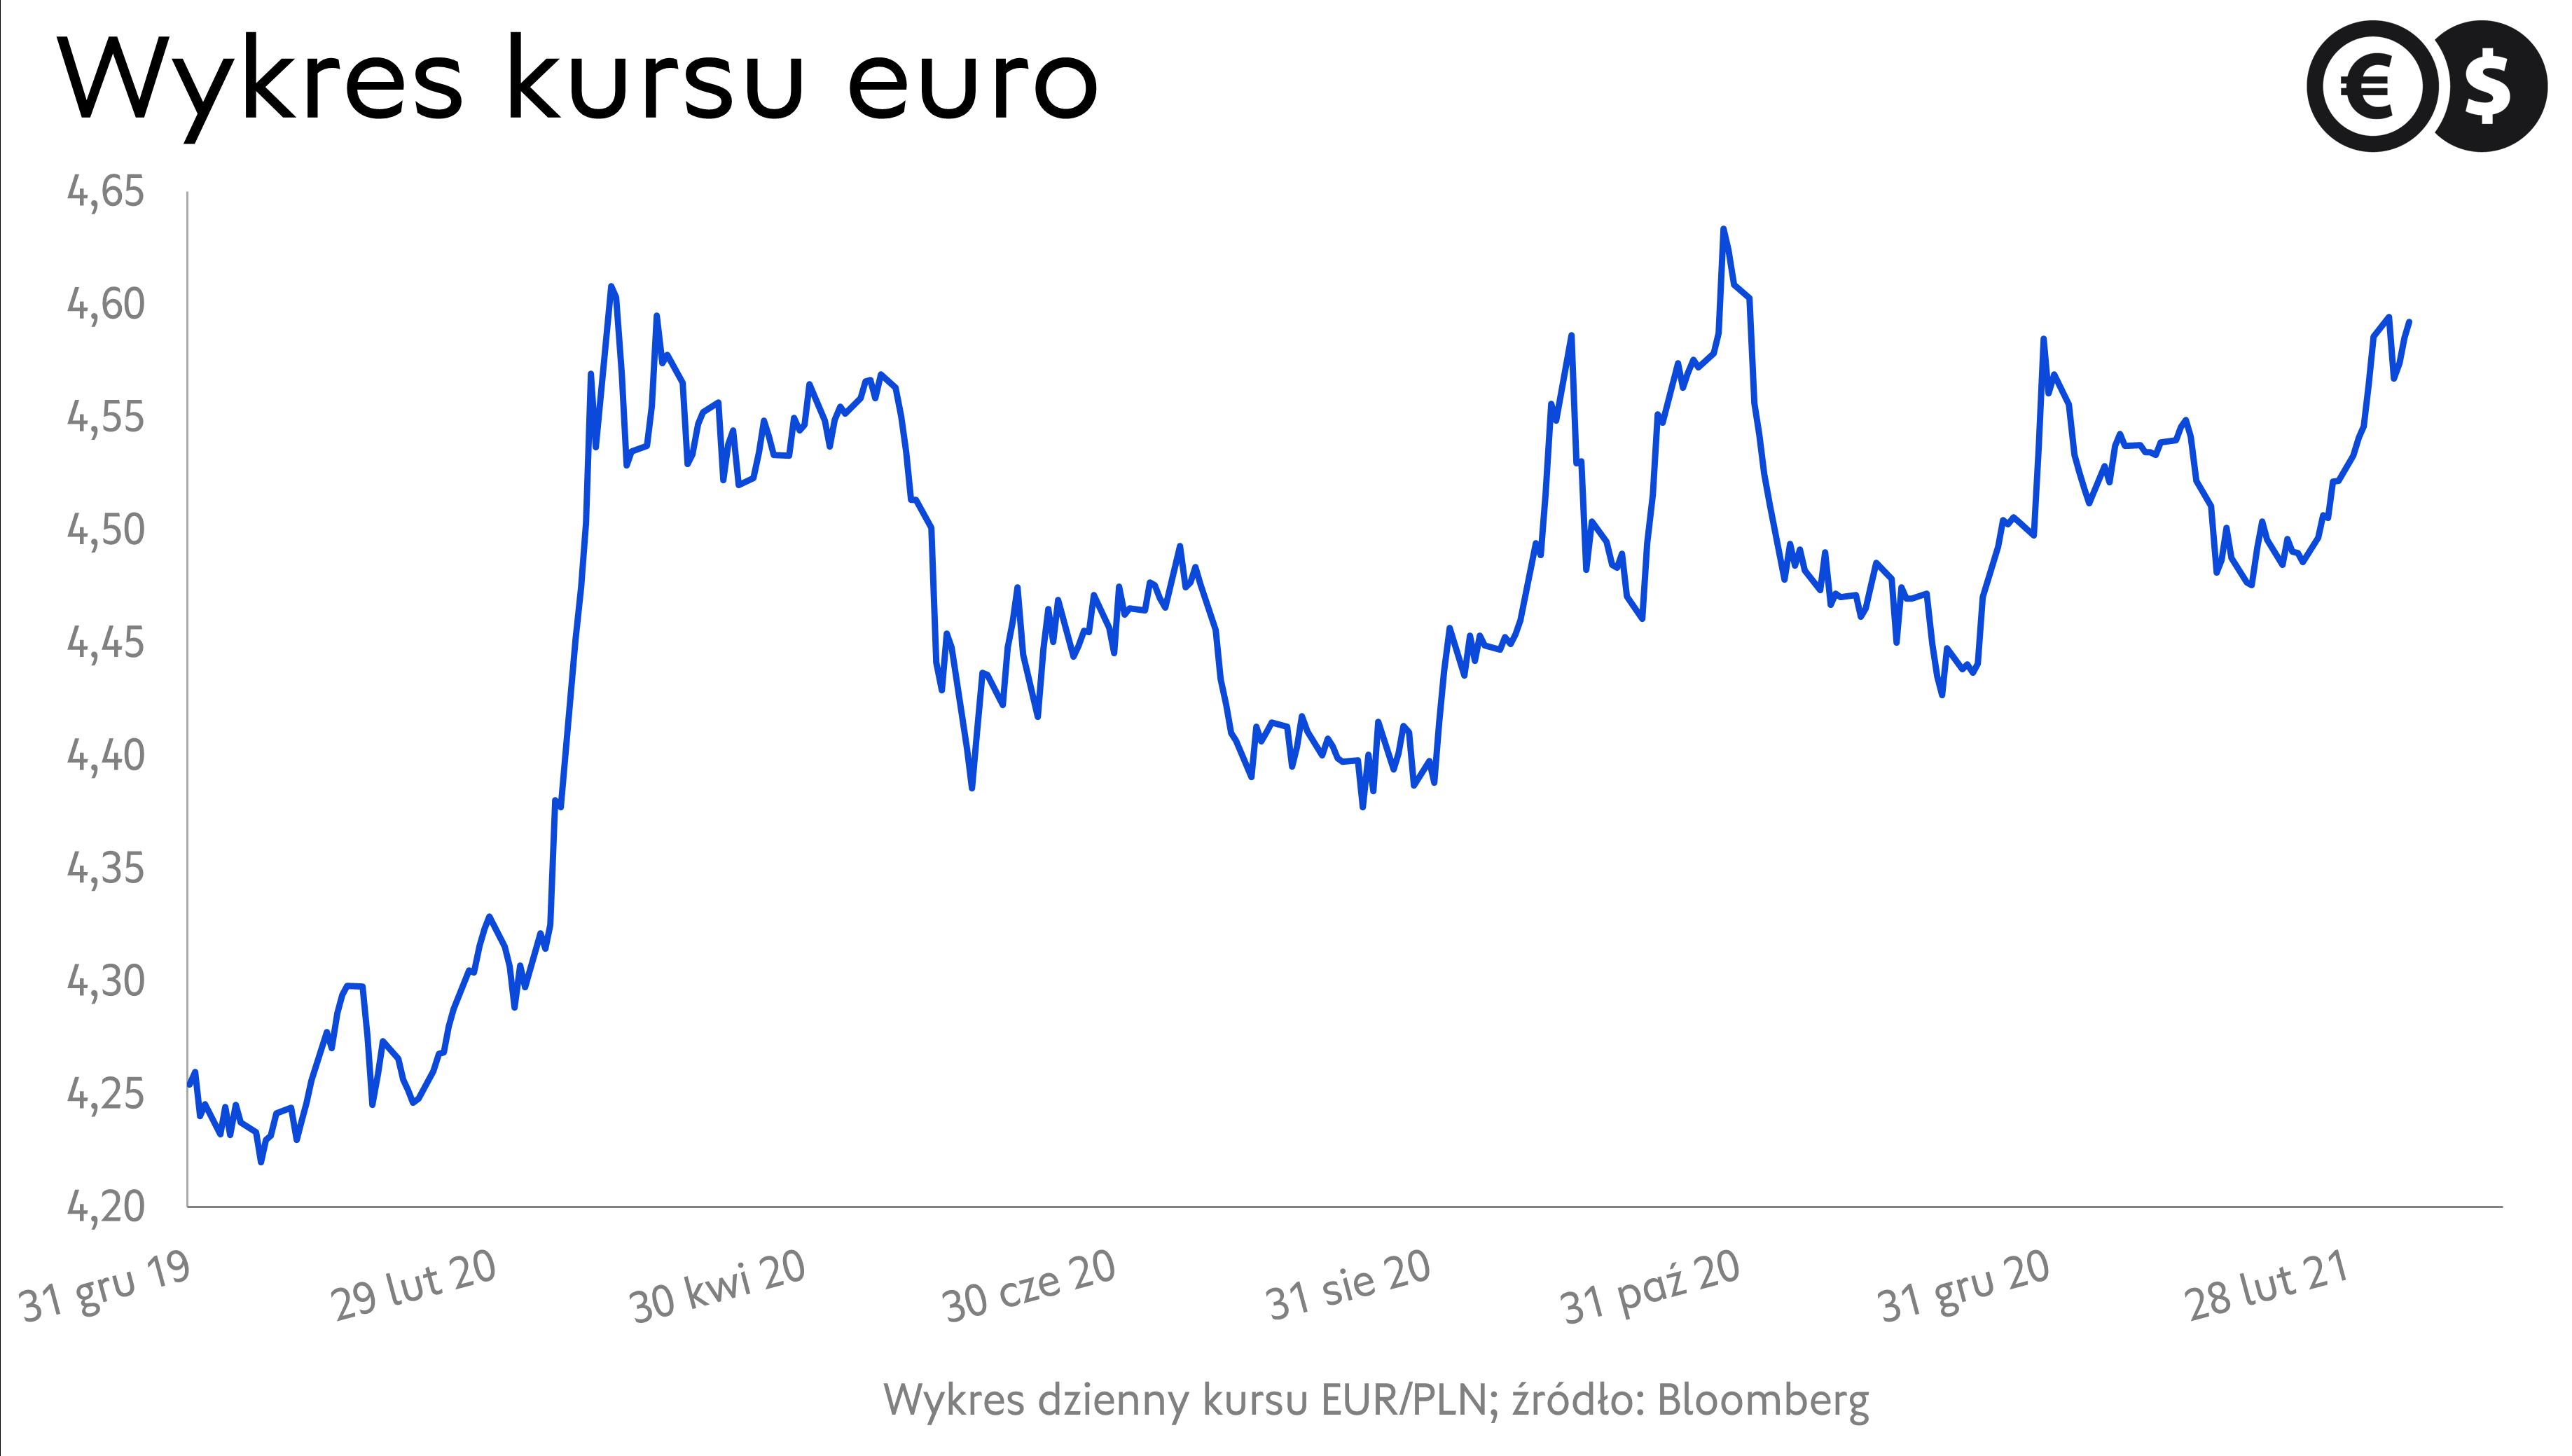 Notowania euro, wykres kursu EUR/PLN